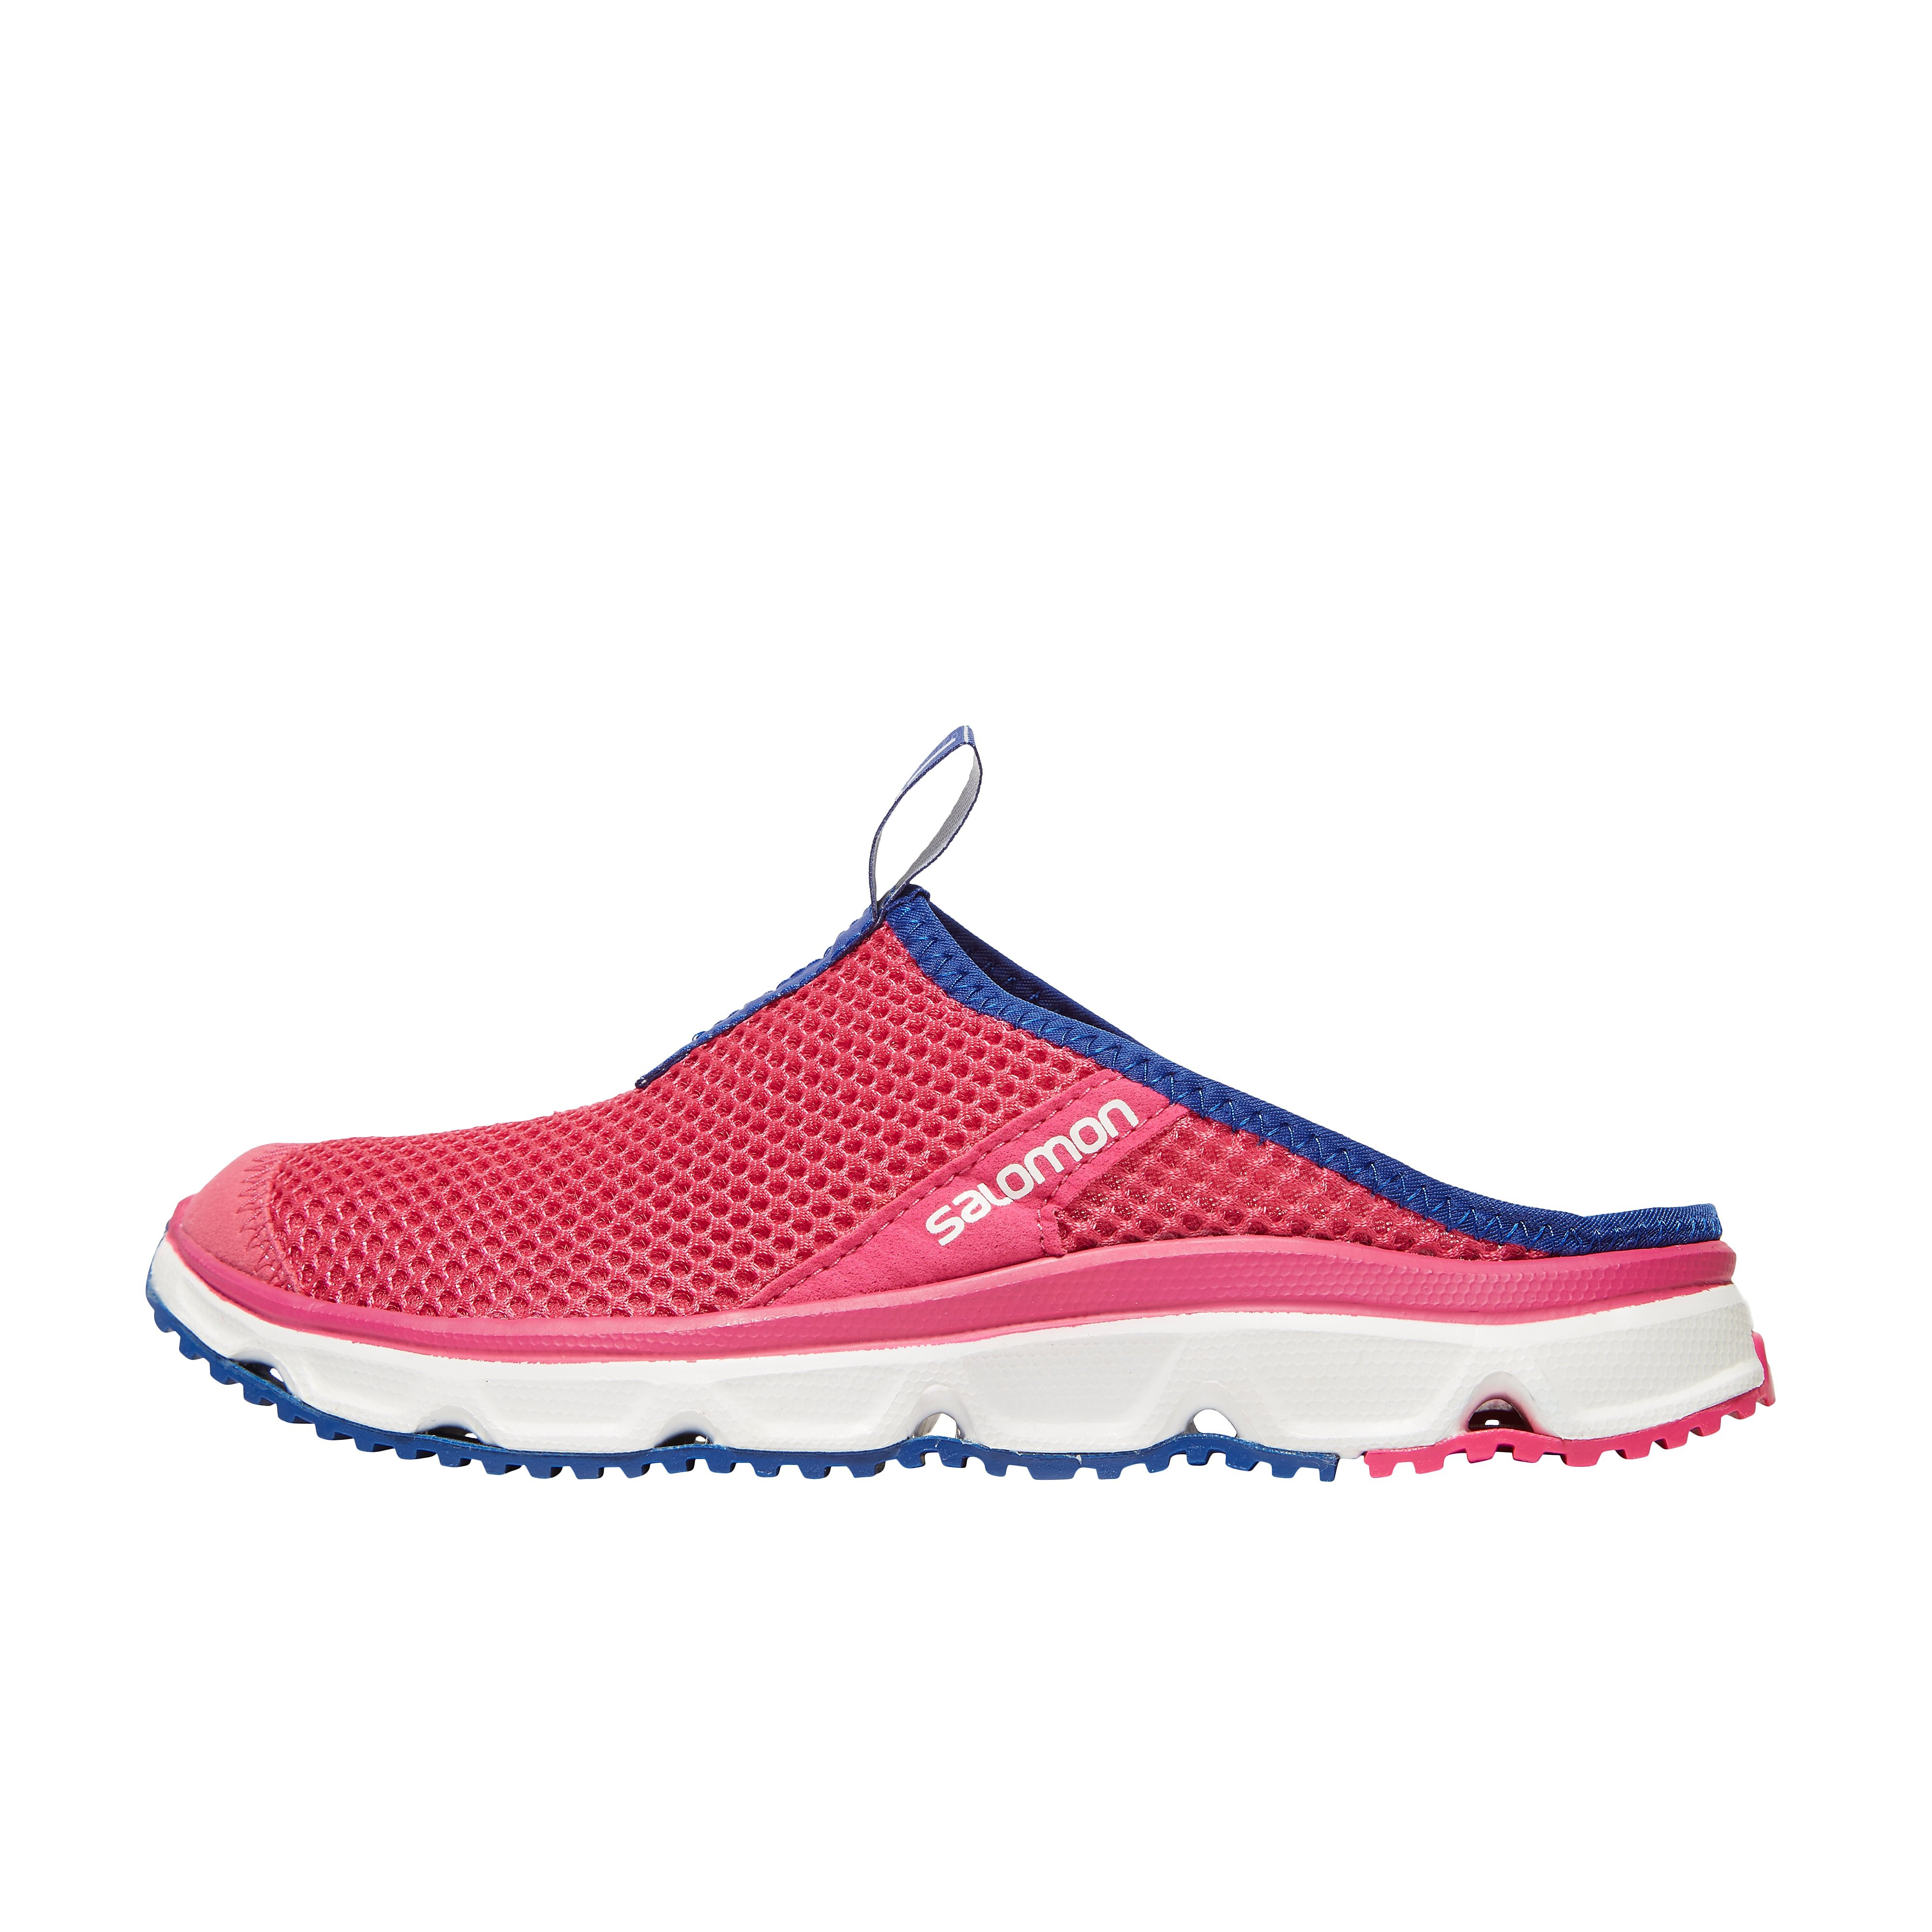 Salomon RX Slide 3.0 Women's Shoes